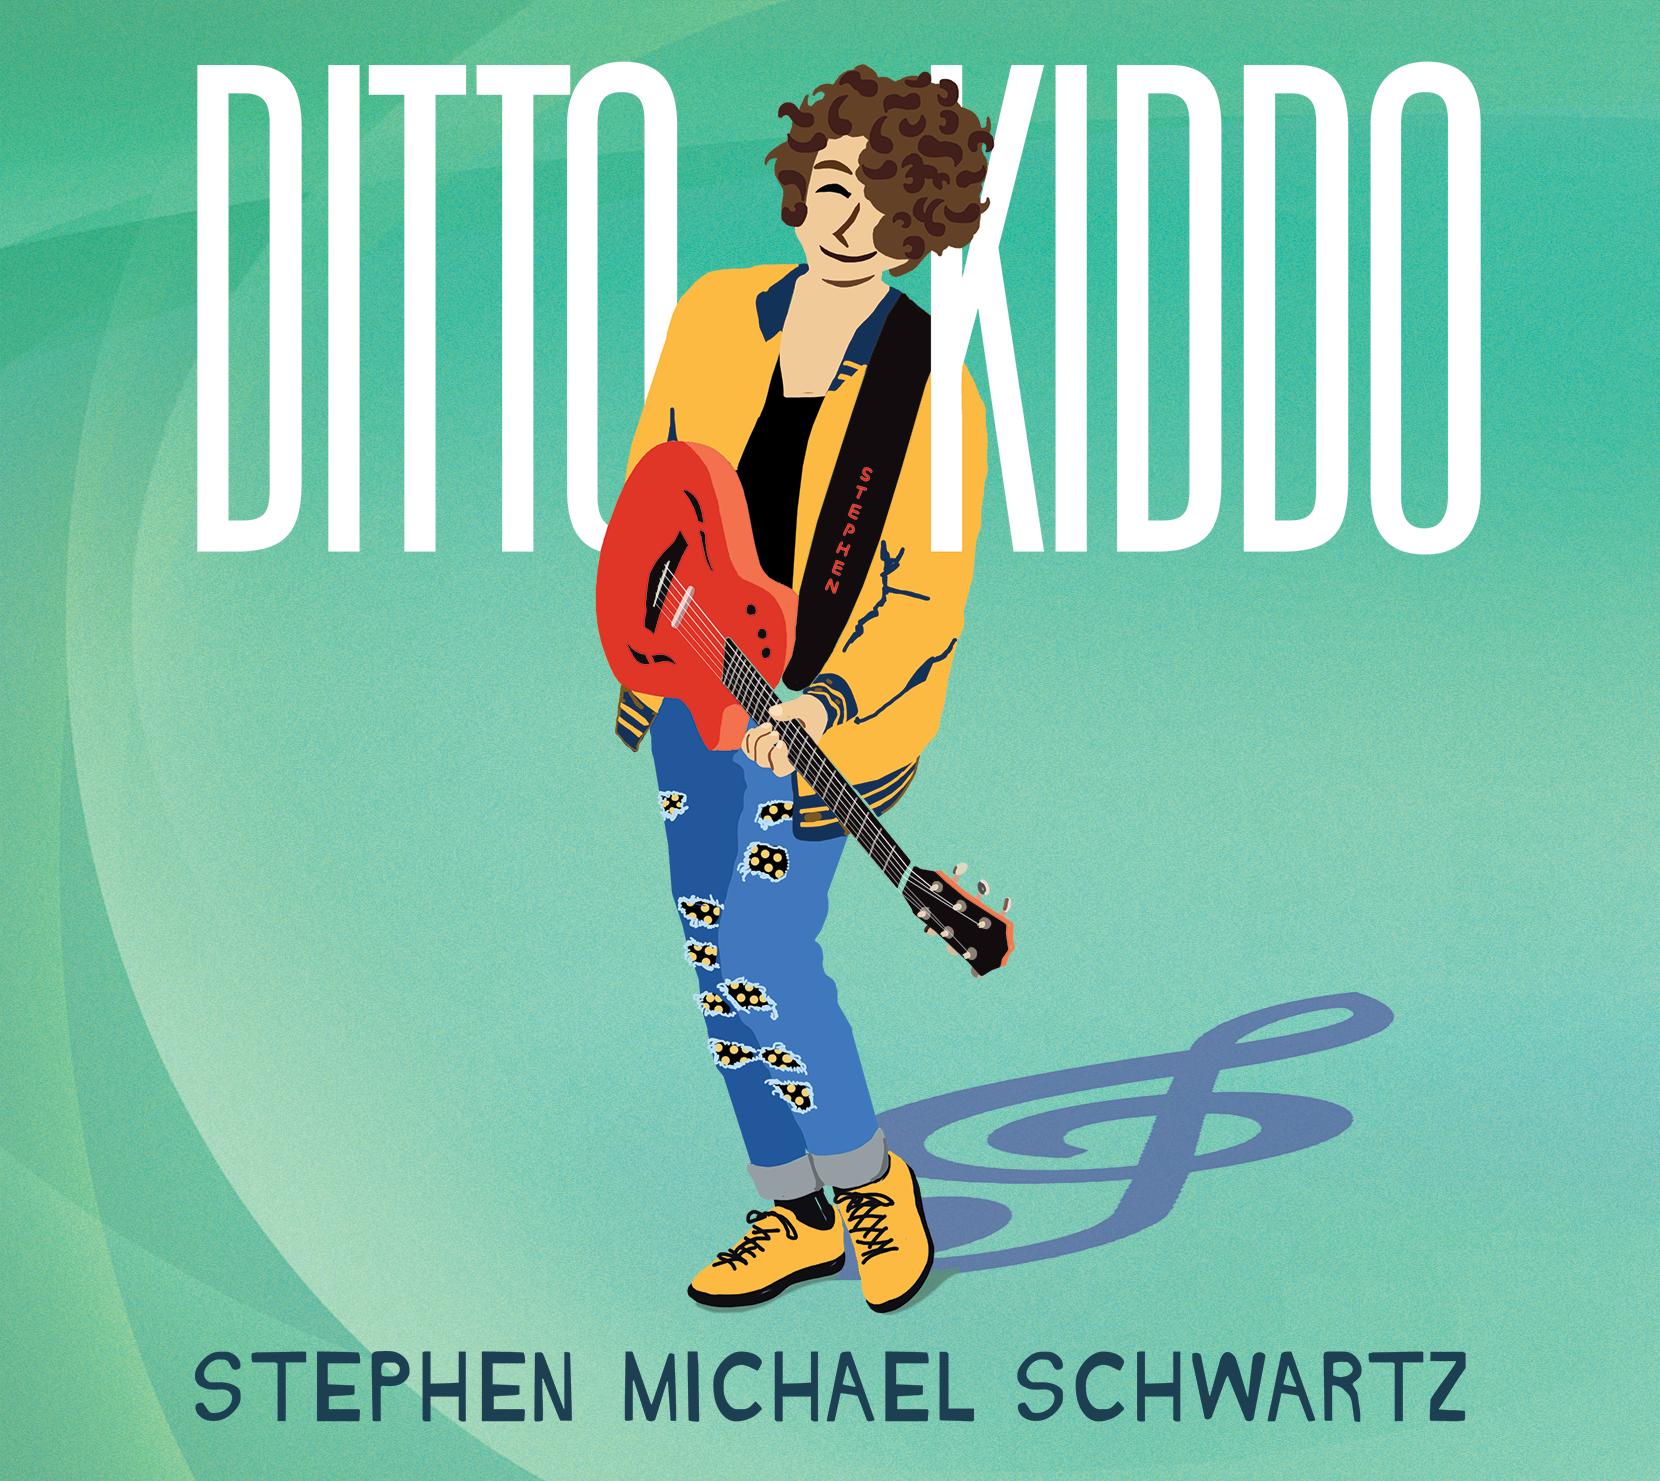 Ditto Kiddo by Stephen Michael Schwartz